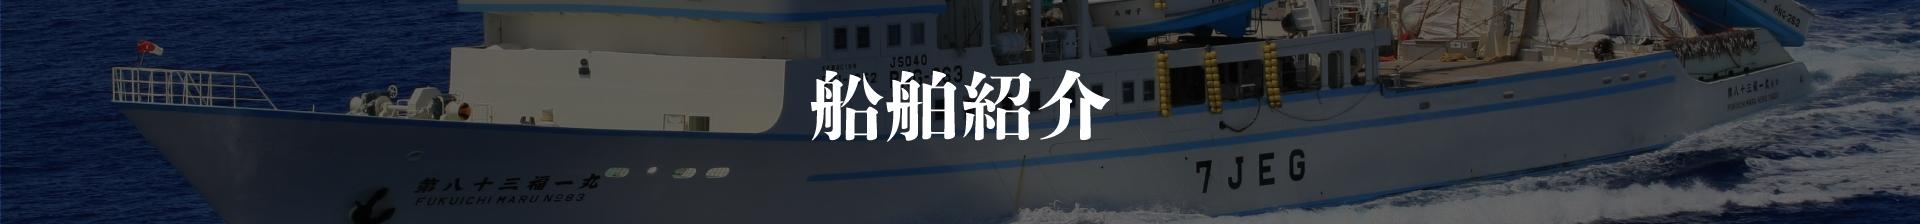 船舶紹介キャッチ